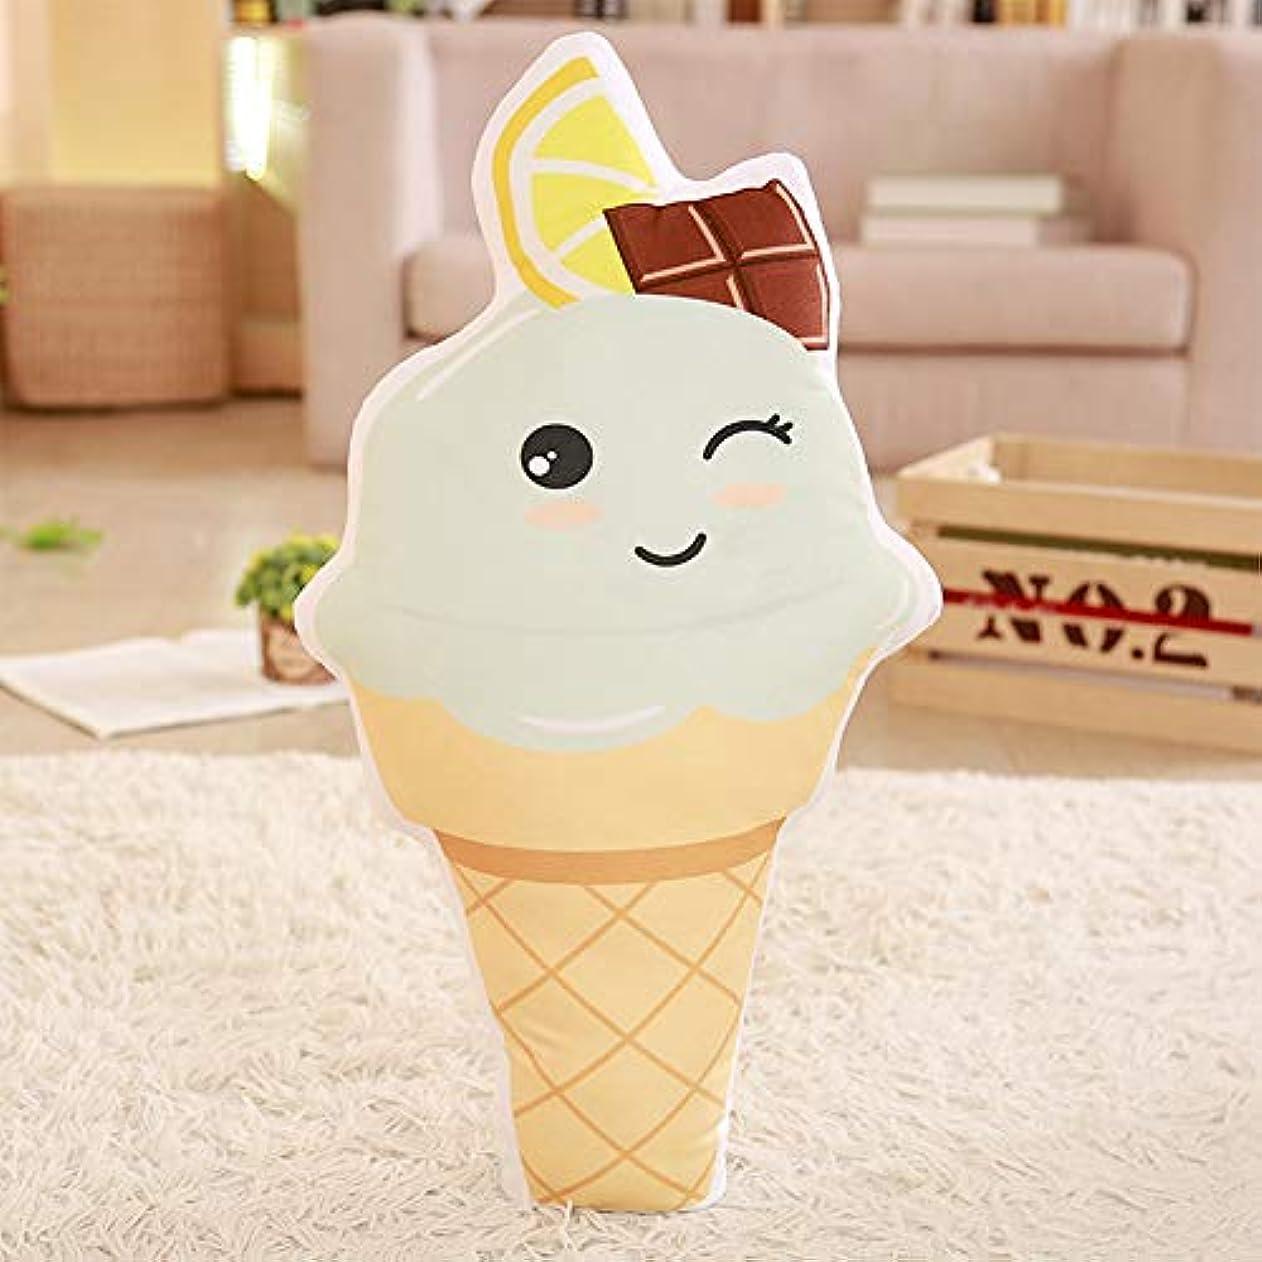 手入れ水没計器Rabugoo 趣味 家の装飾のためのかわいい豪華なアイスクリーム枕豪華な人形 Chocolate lemon cone 60cm